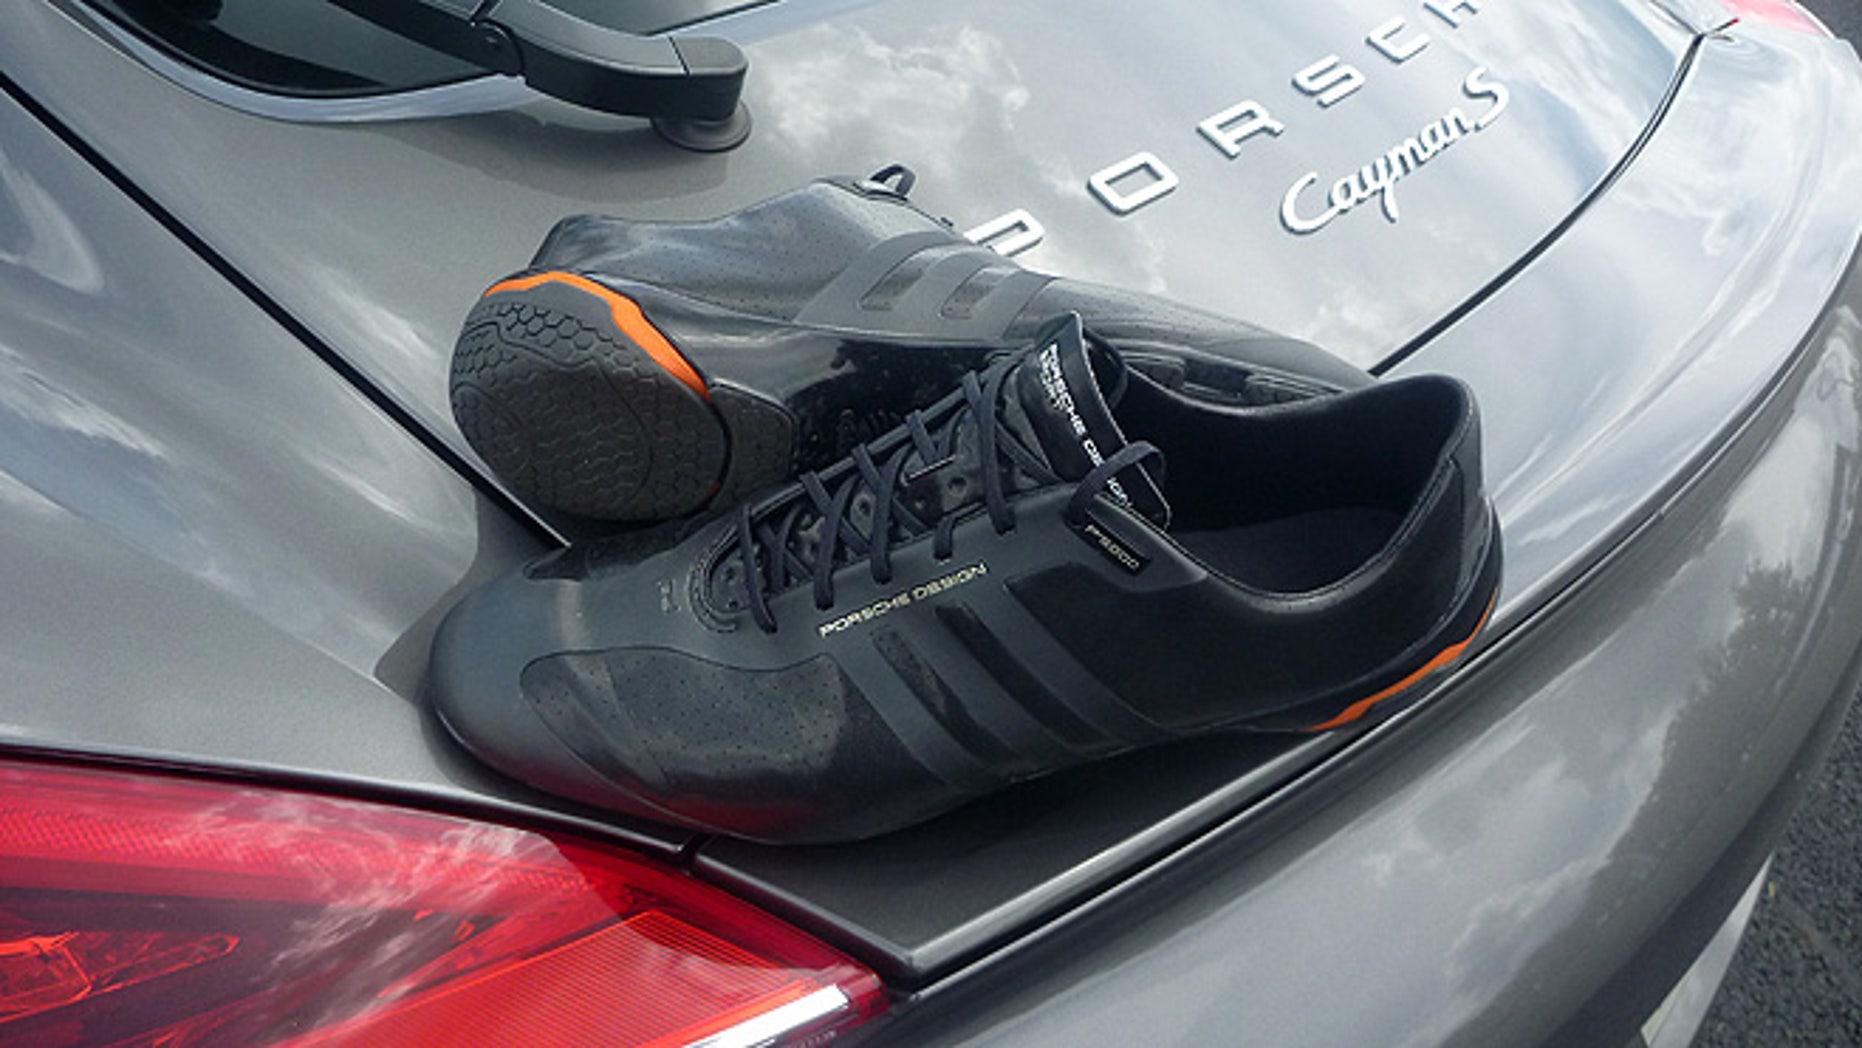 8900f725238 Driving Shoe Test Drive  Porsche Design ELS Formotion Driving